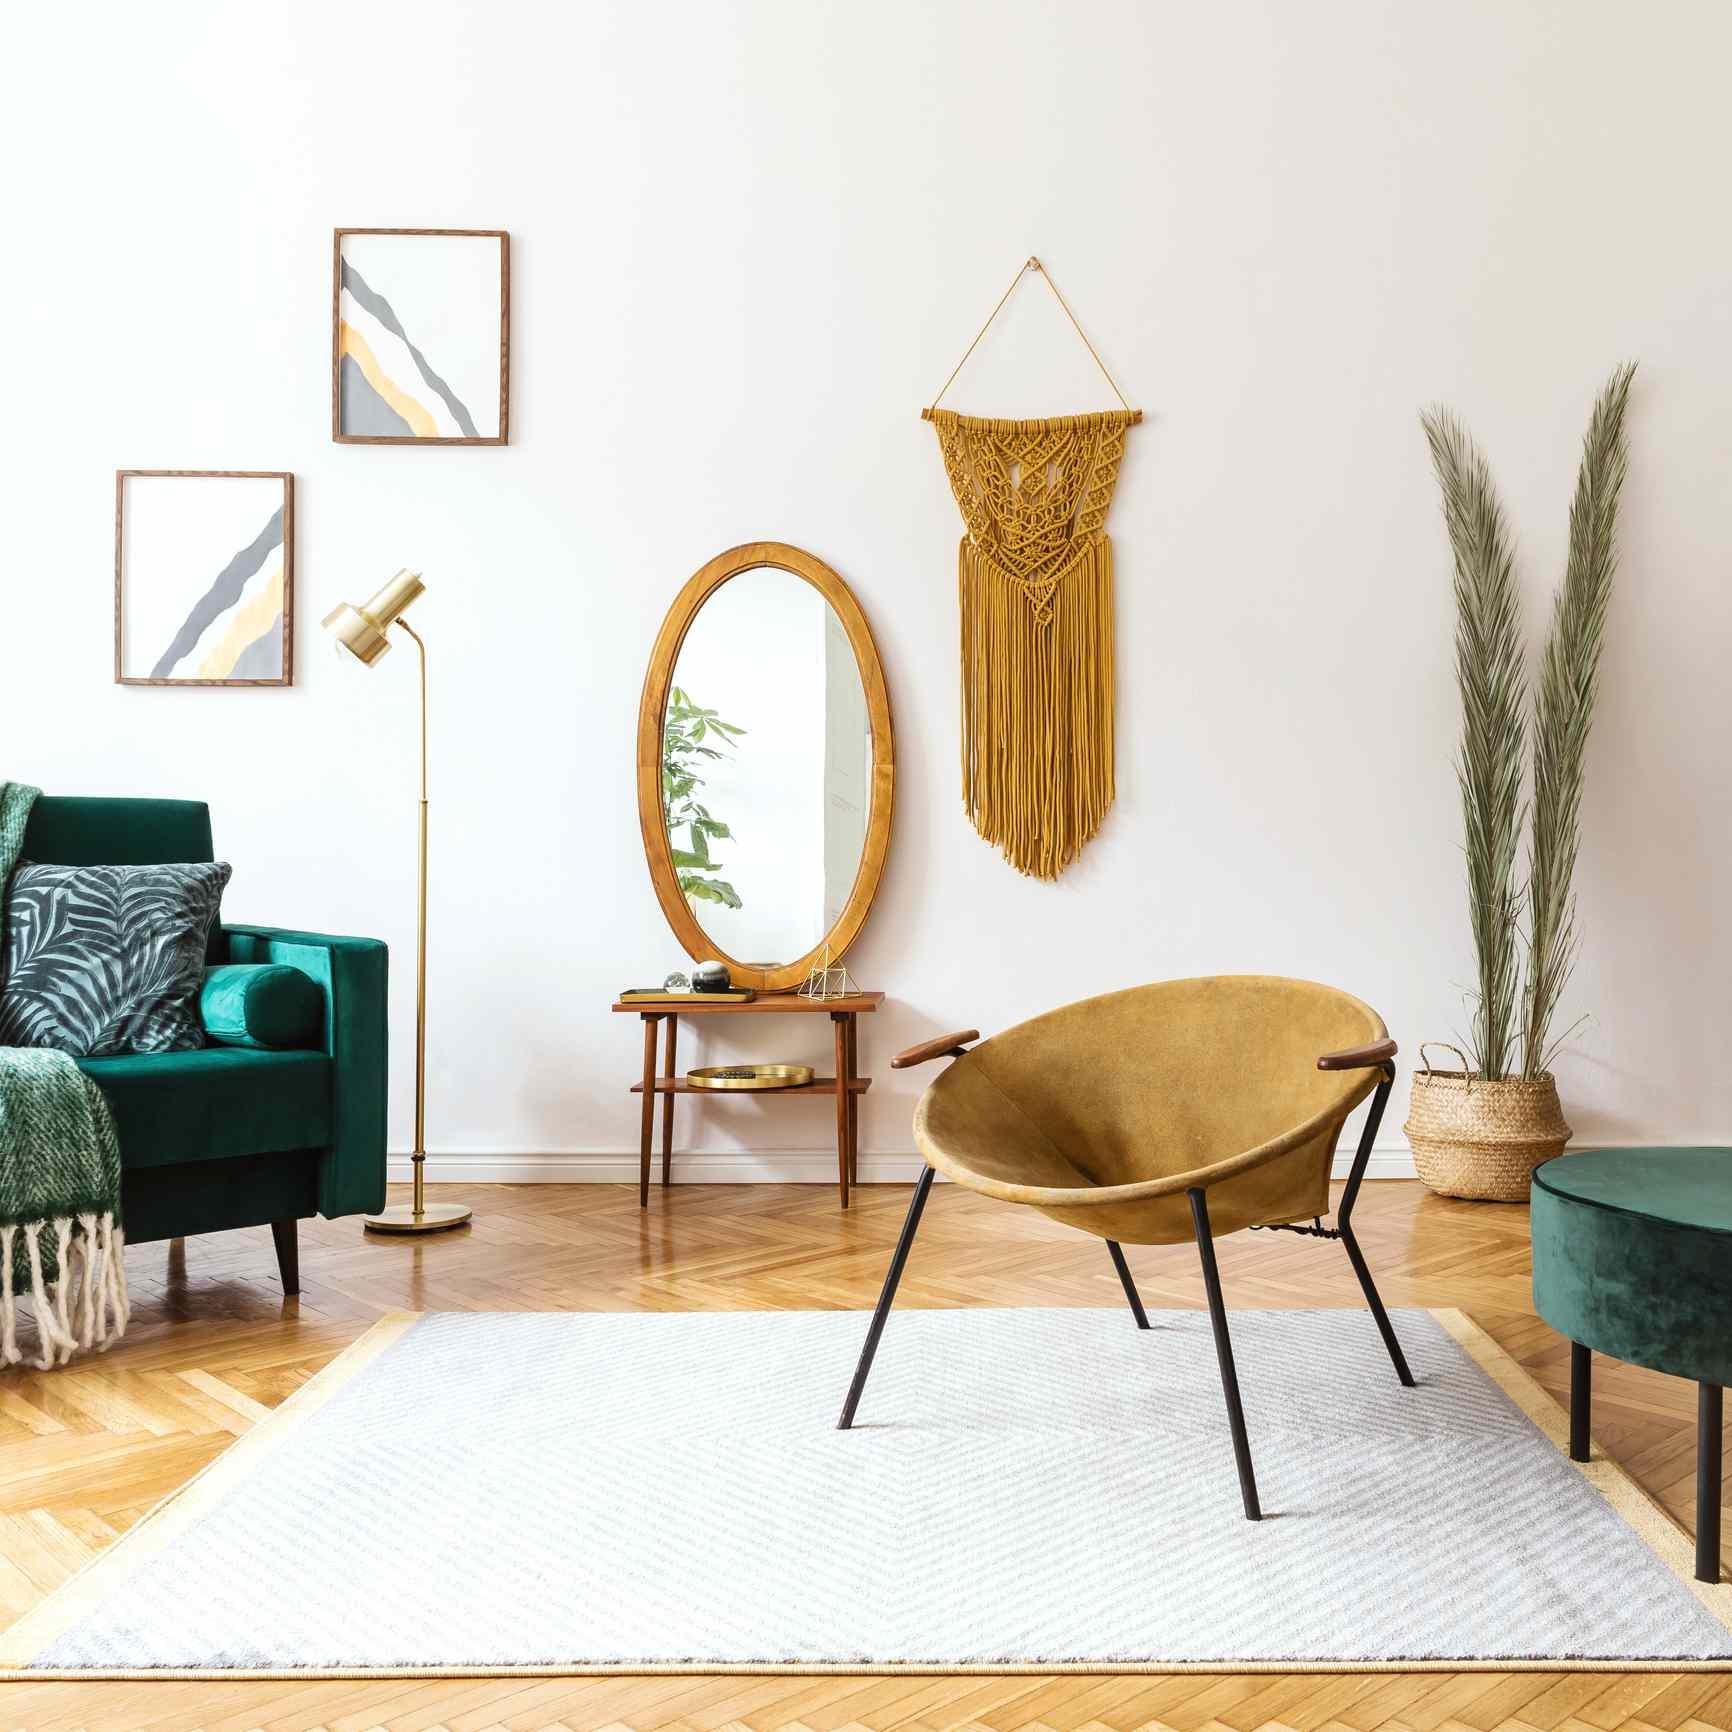 A boho chic living room